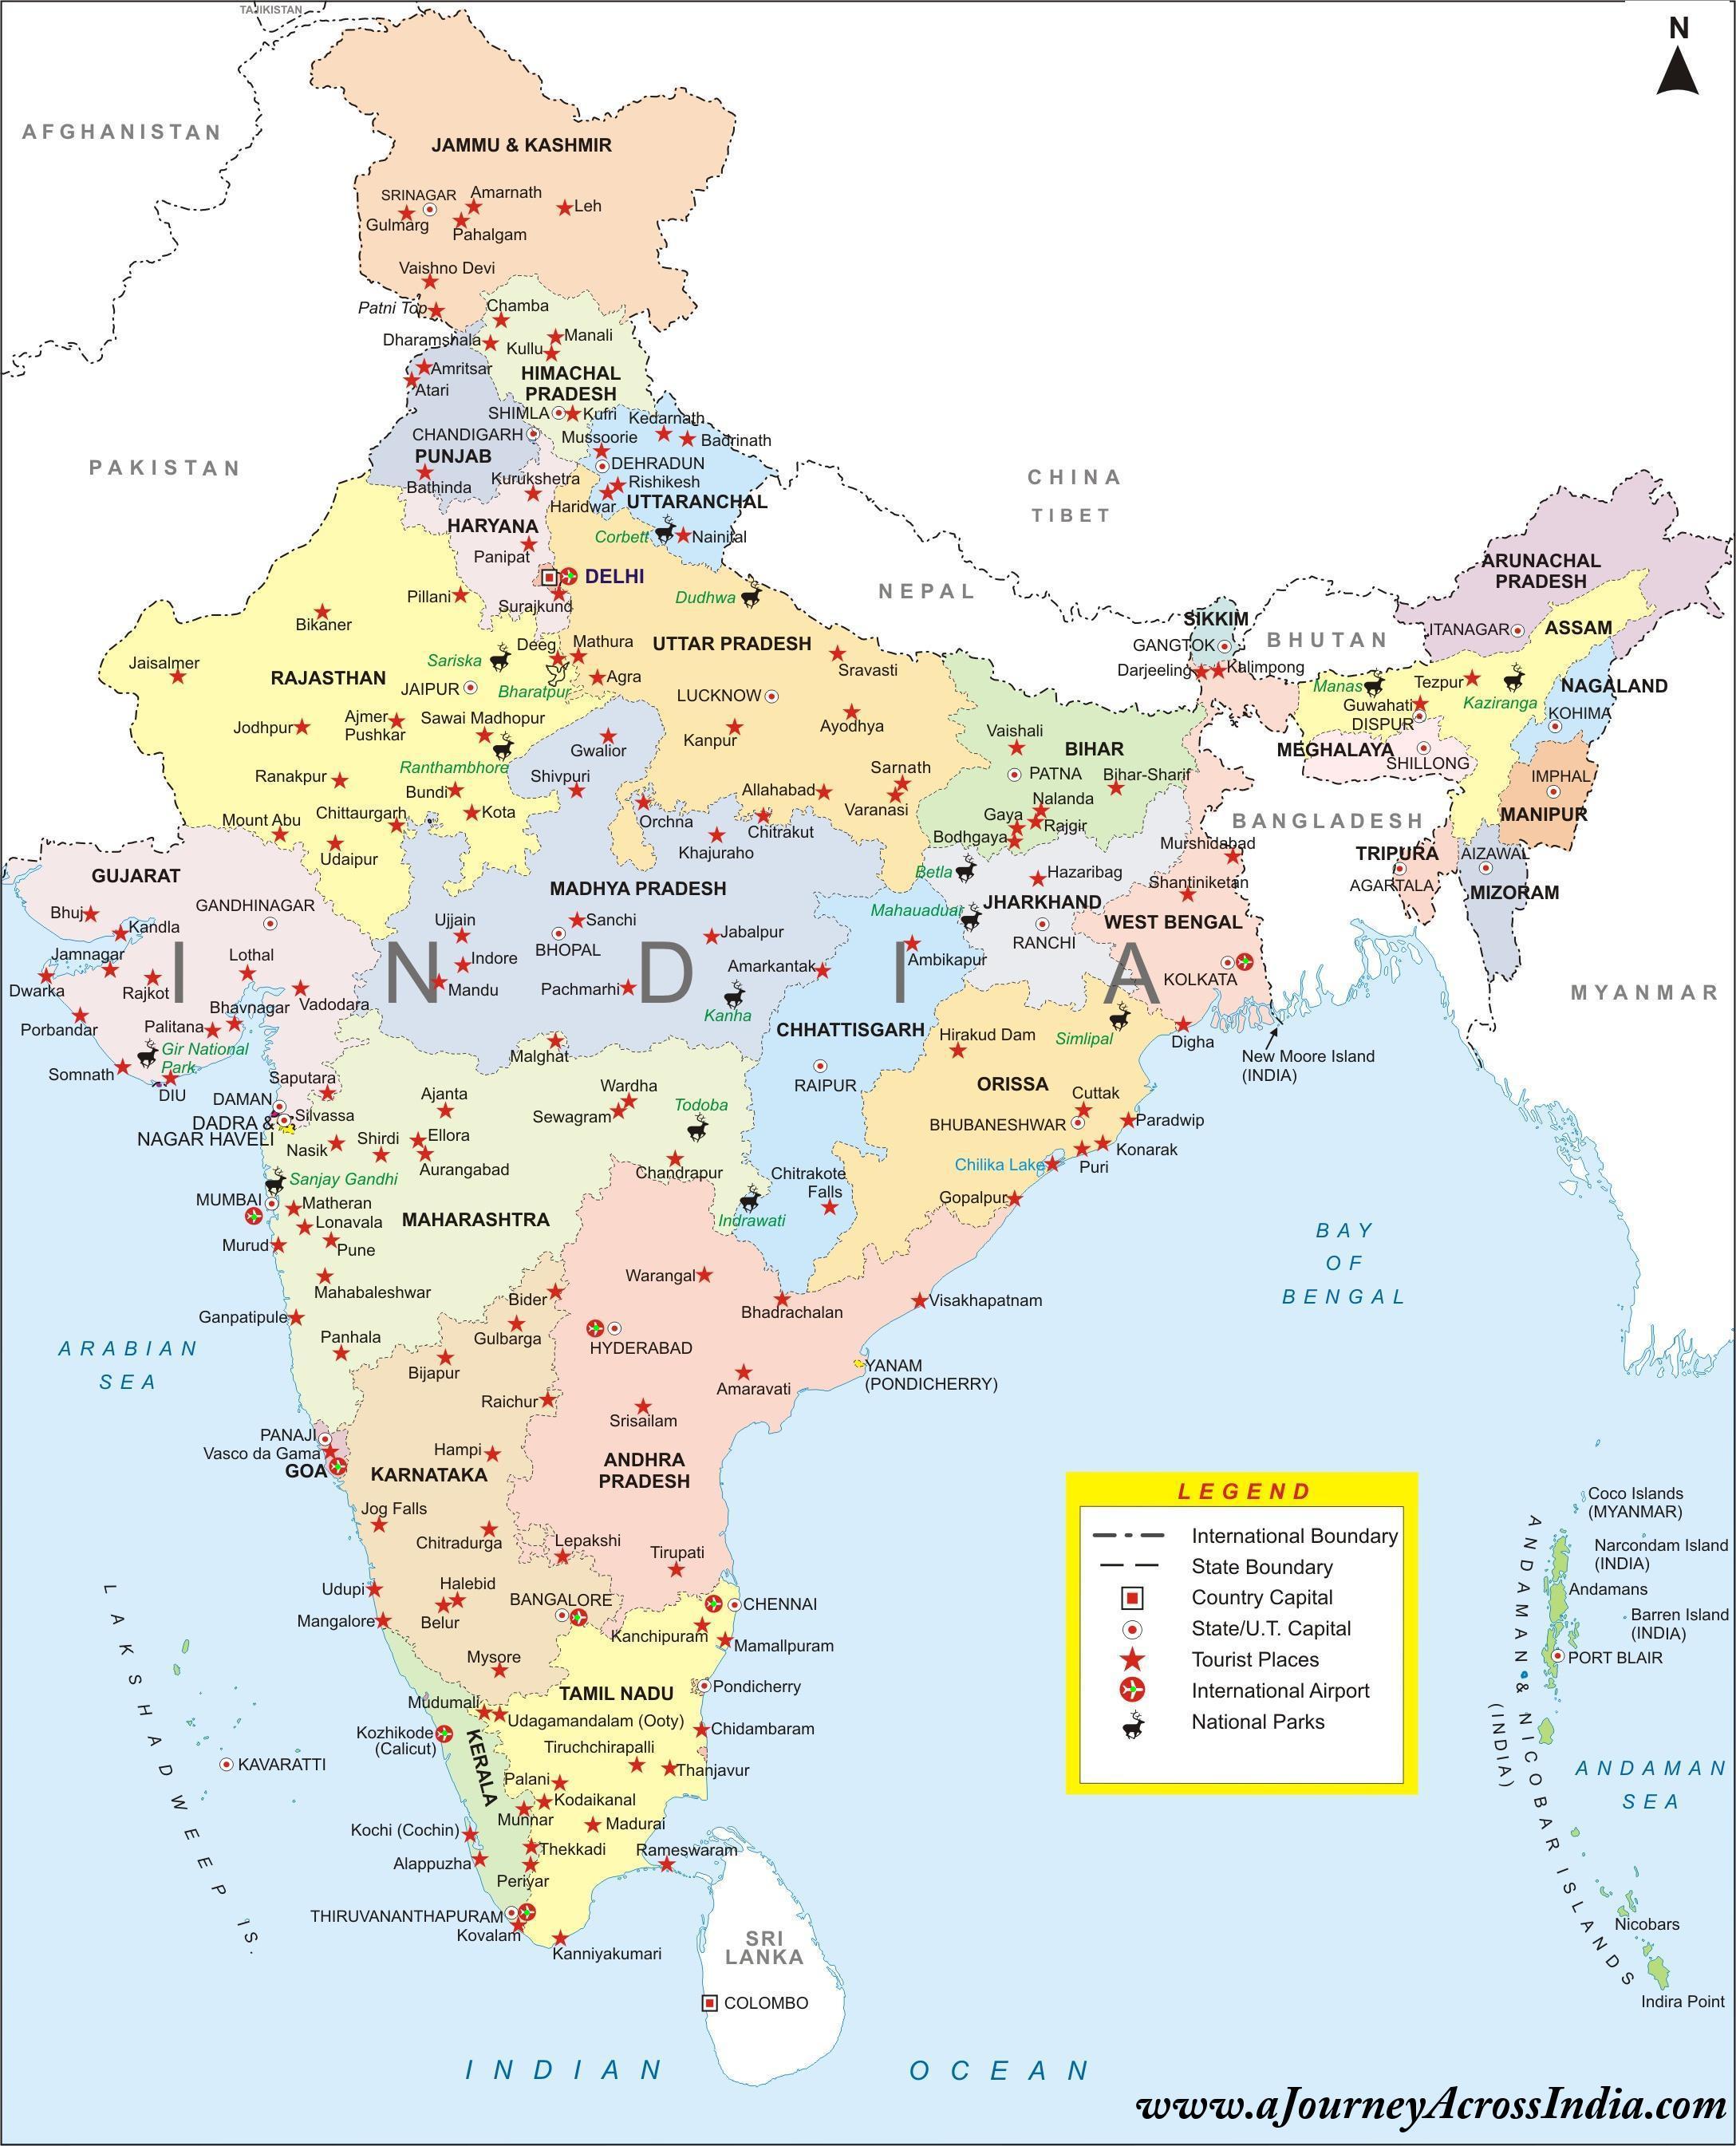 Komplet Kort Over Indien Fuld Indien Kort Det Sydlige Asien